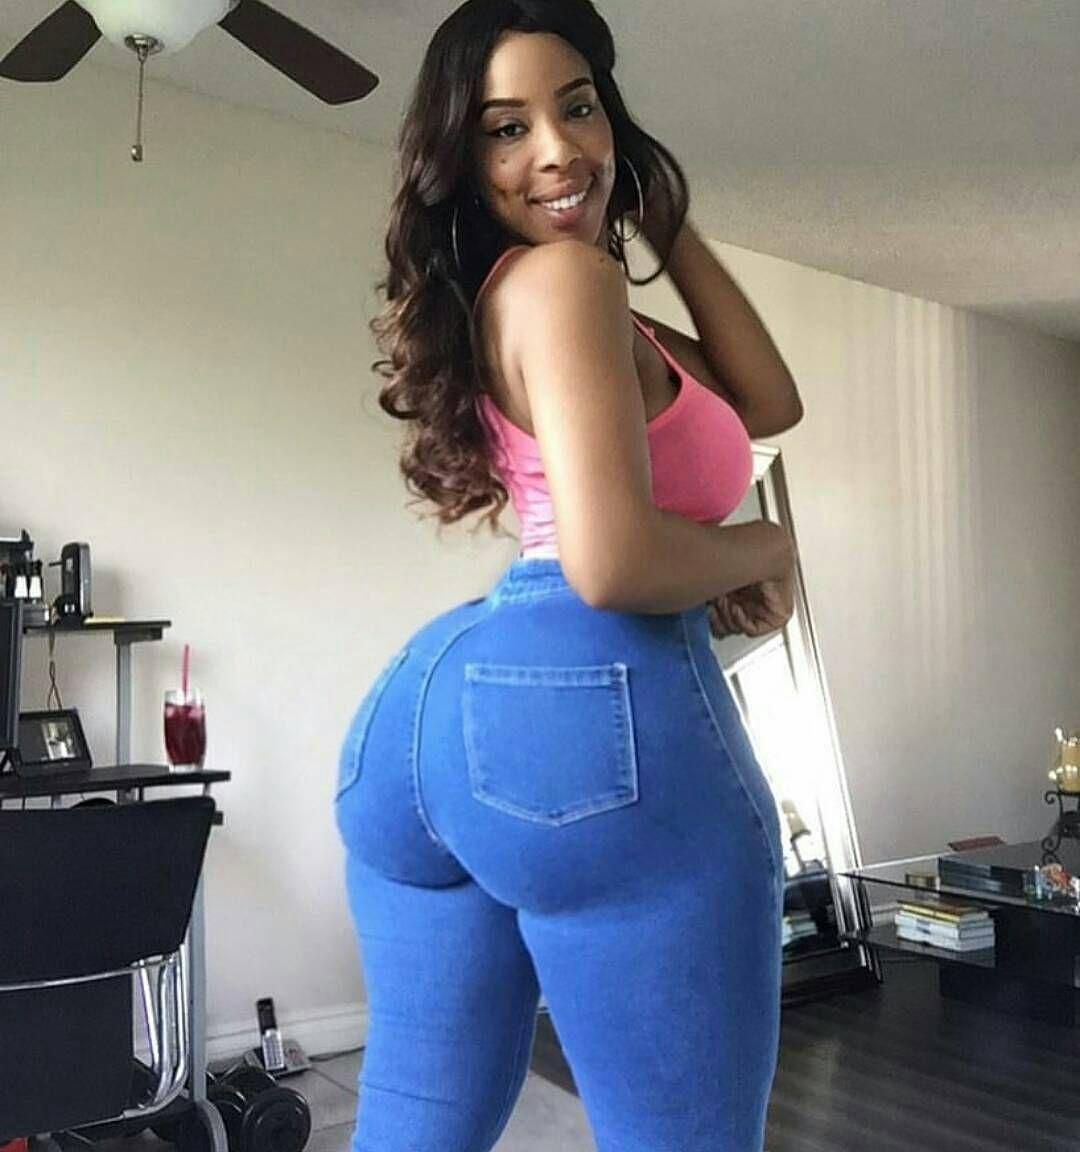 Ass big real